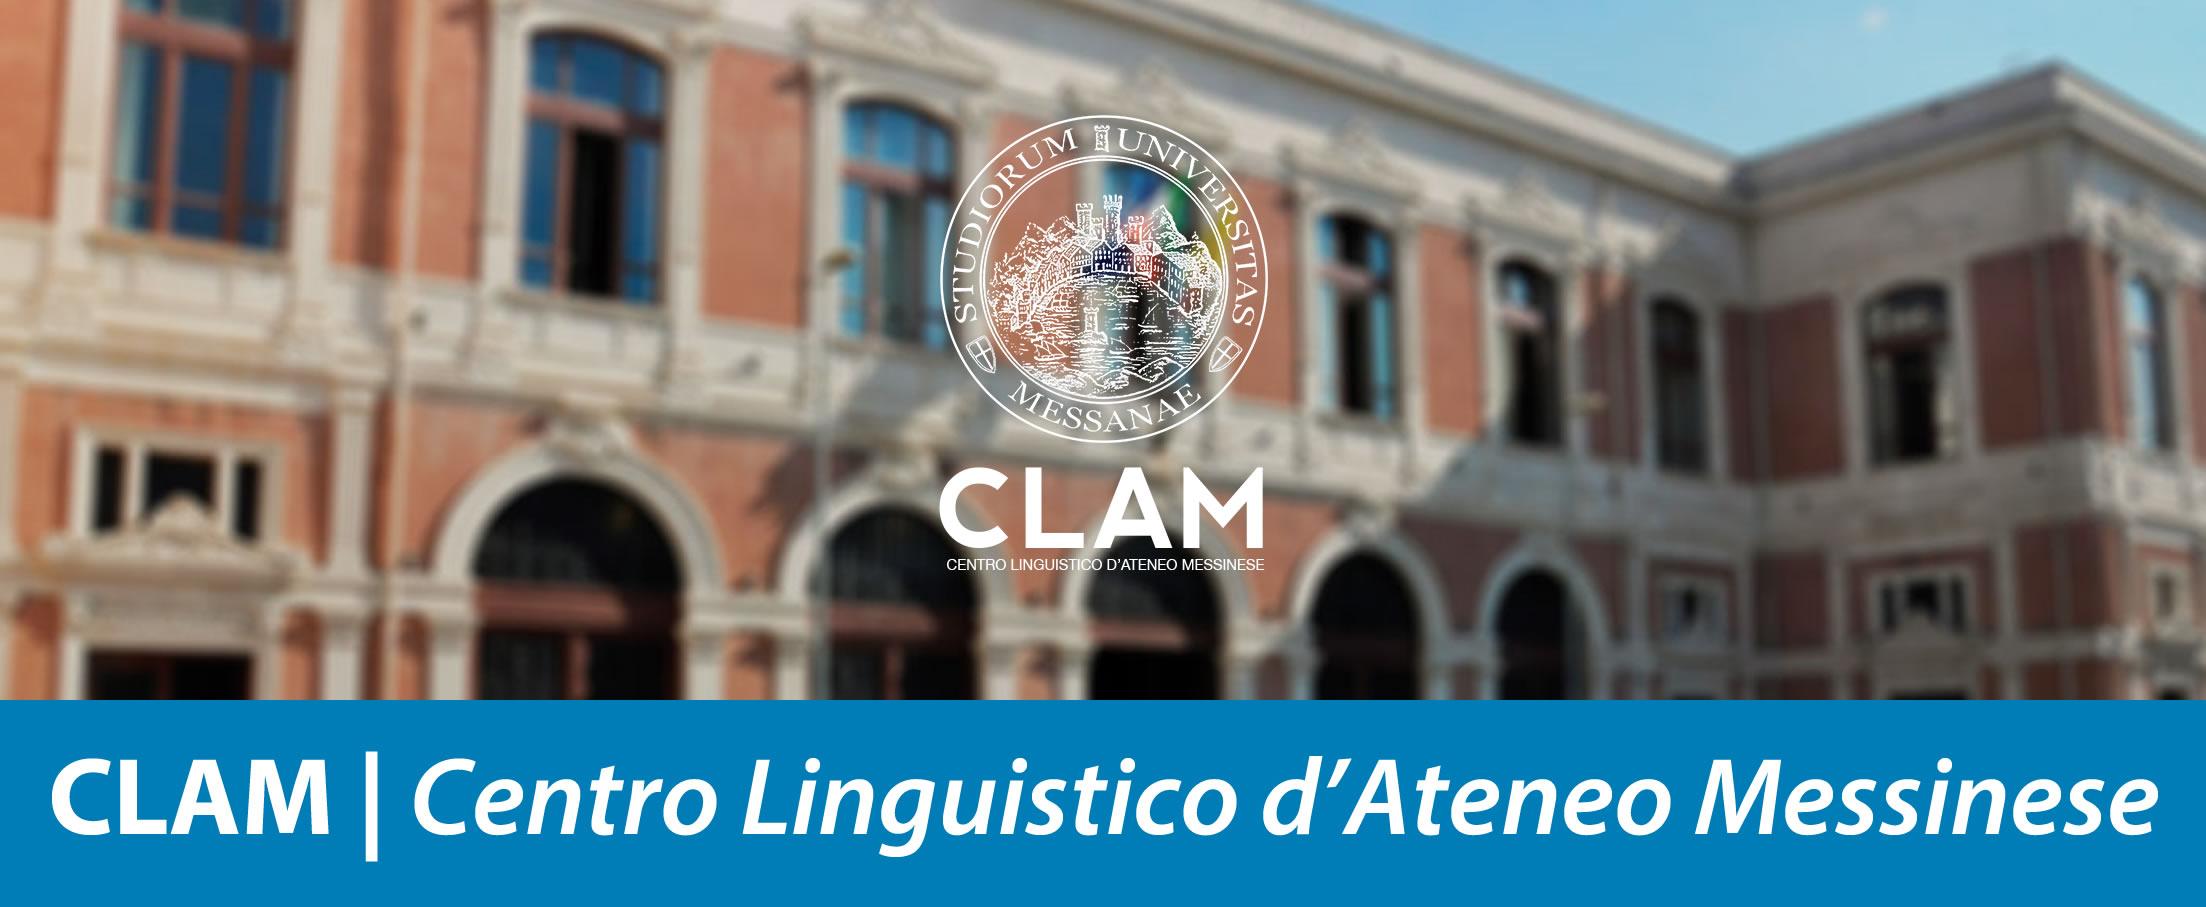 clam_noto